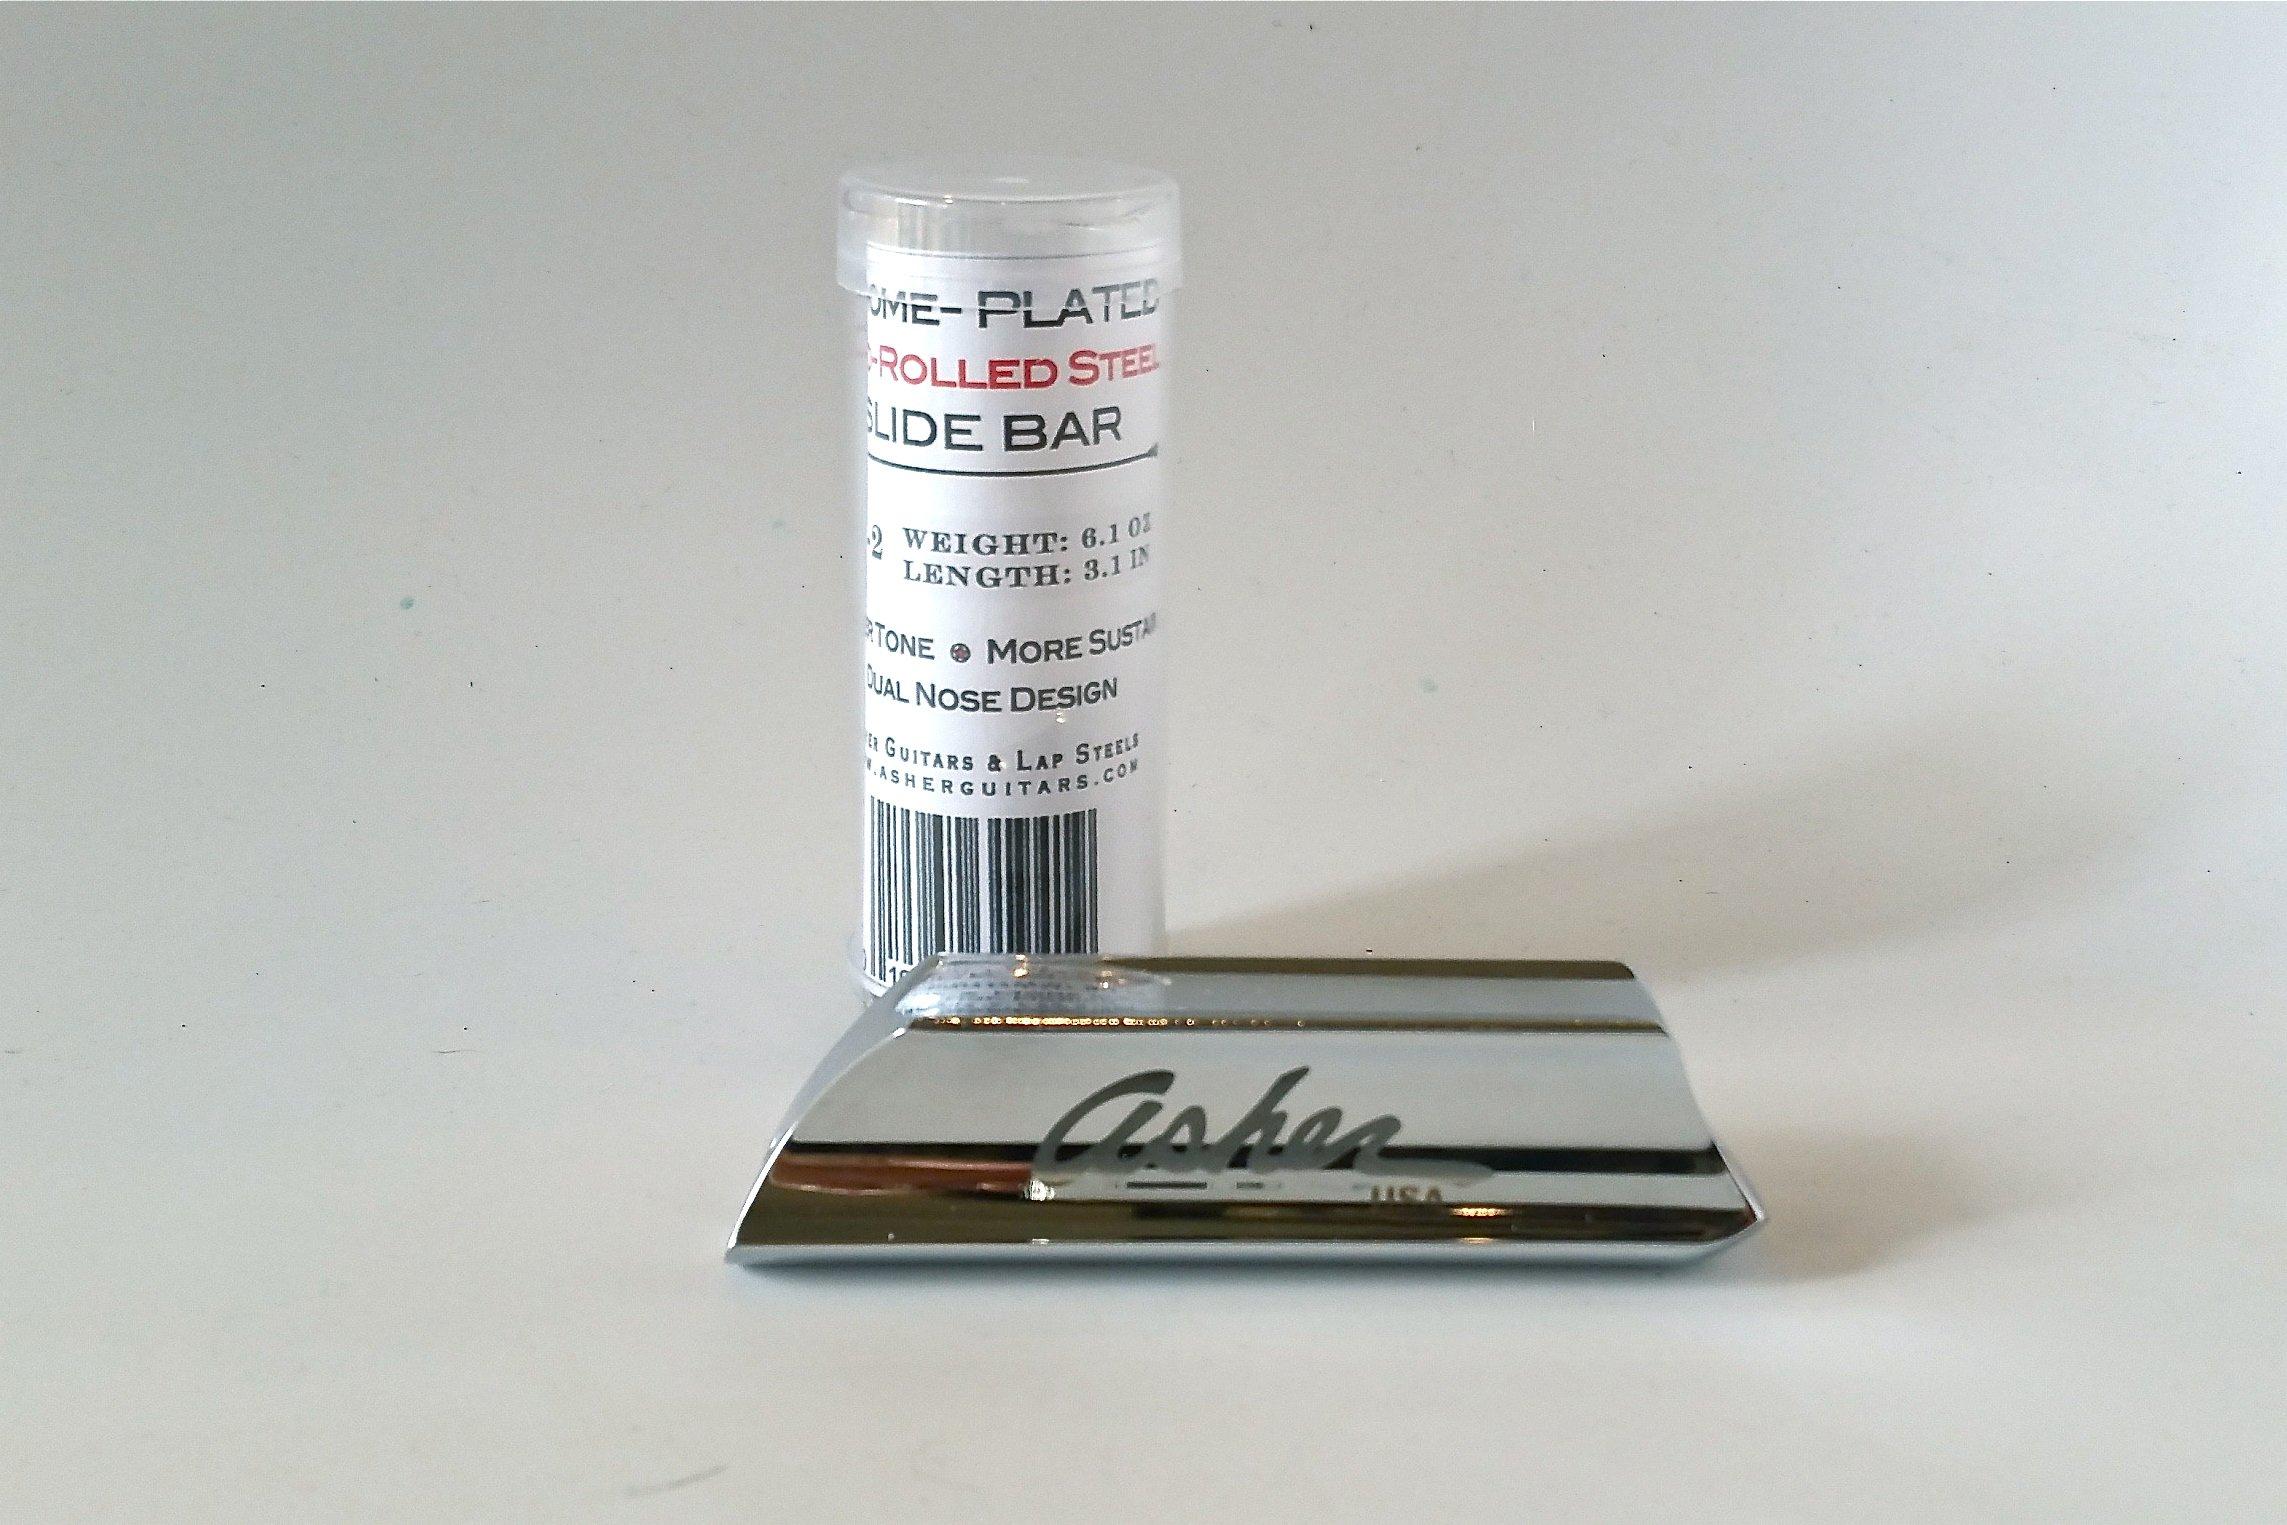 Chrome Plated Steel Slide Bar